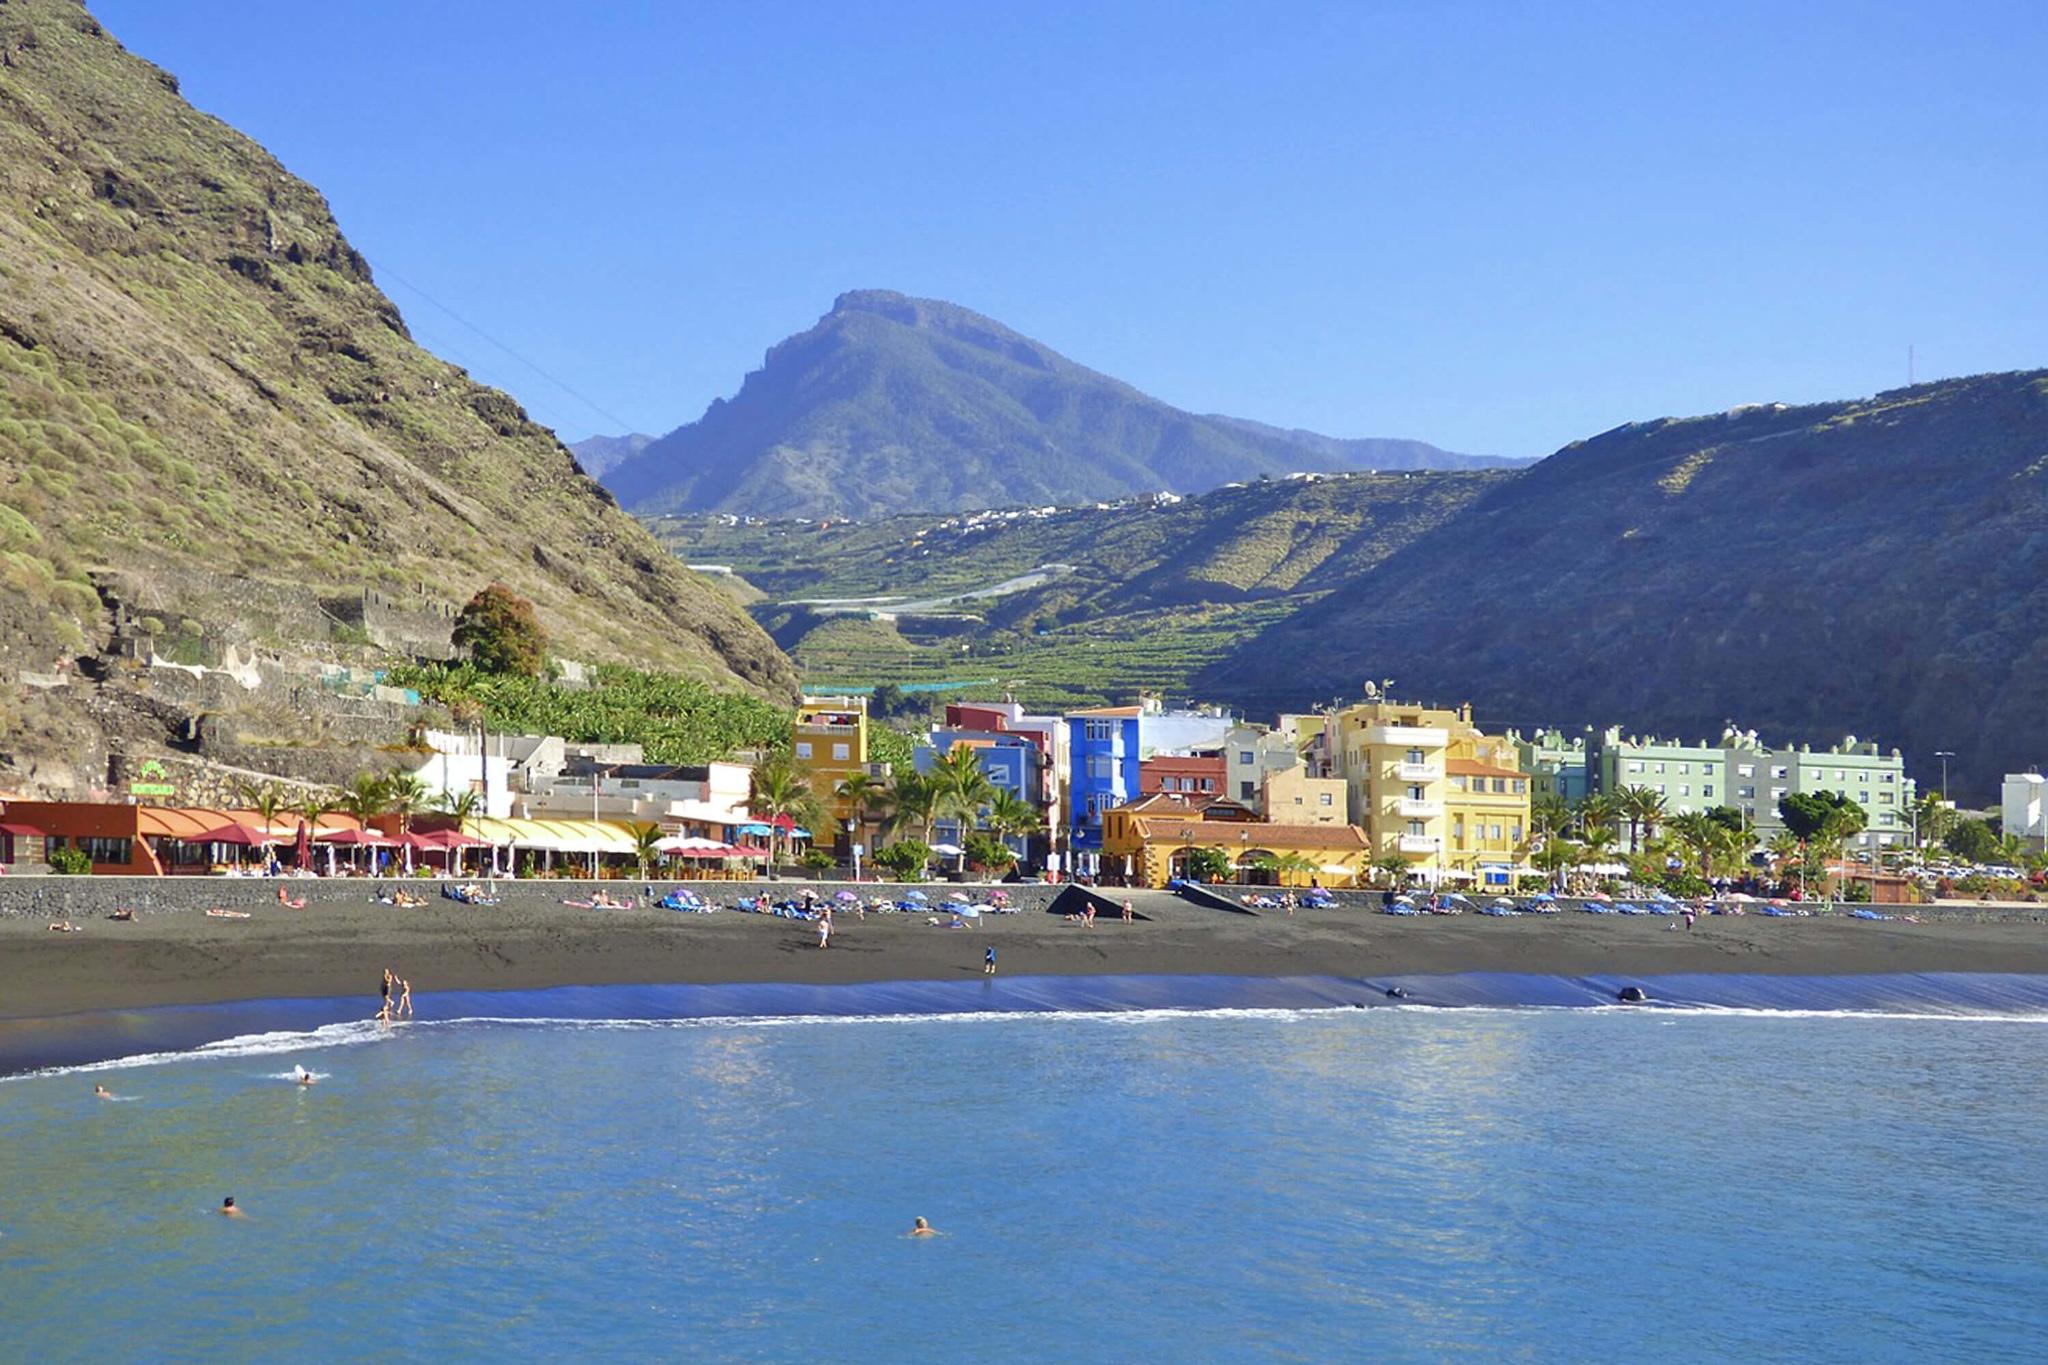 Modern lägenhet på stranden i Tazacorte med vacker utsikt över bergen på ön La Palma.